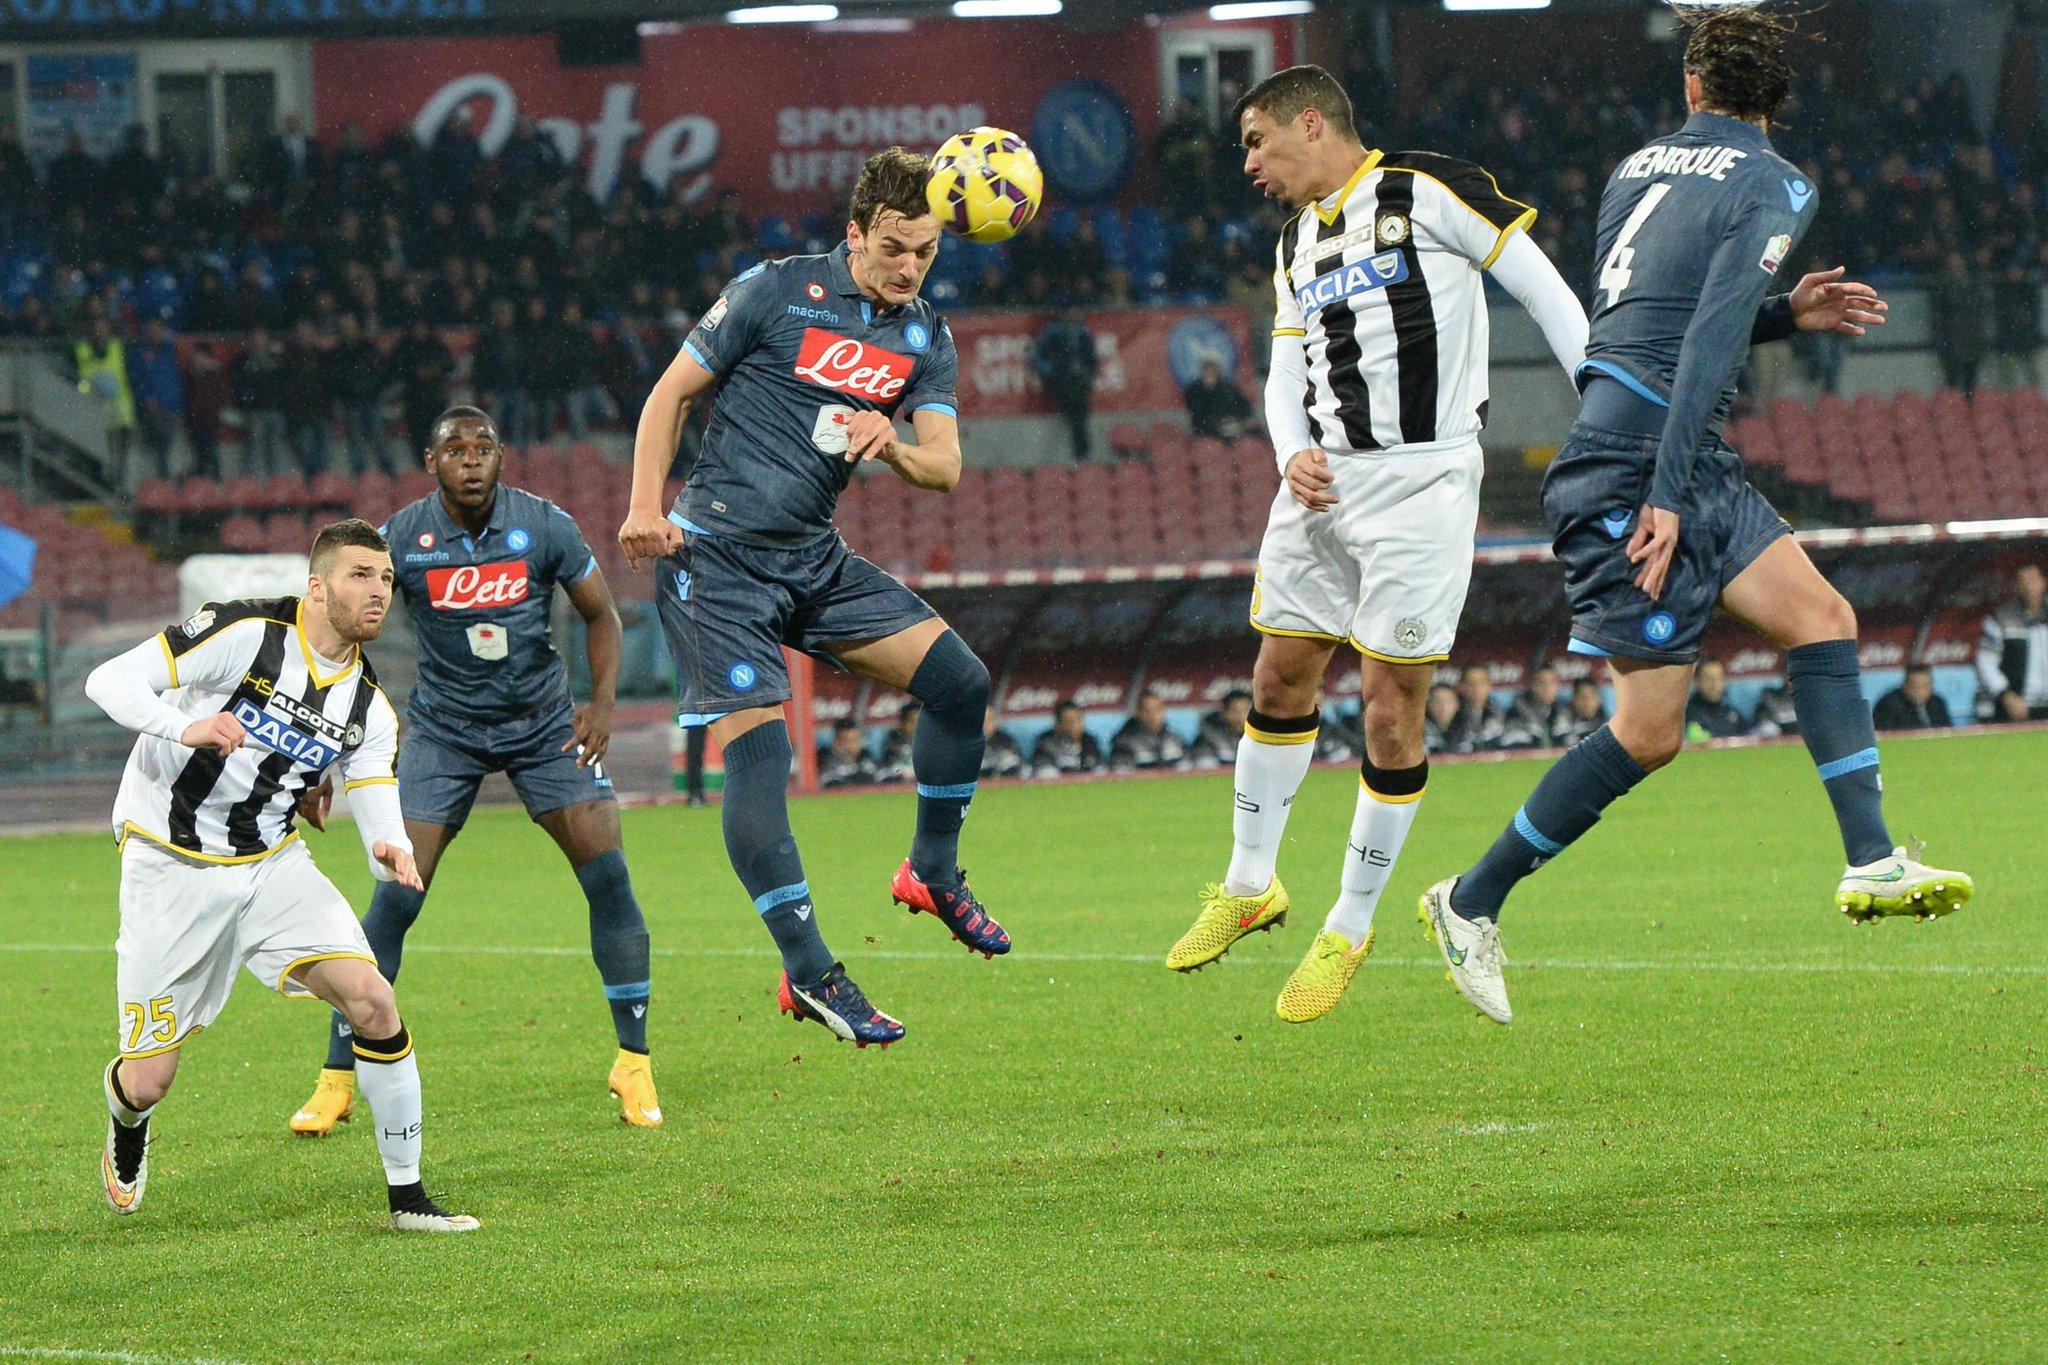 Video Gol Napoli-Udinese: Risultato in DIRETTA Live calcio in tempo reale, ottavo Coppa italia